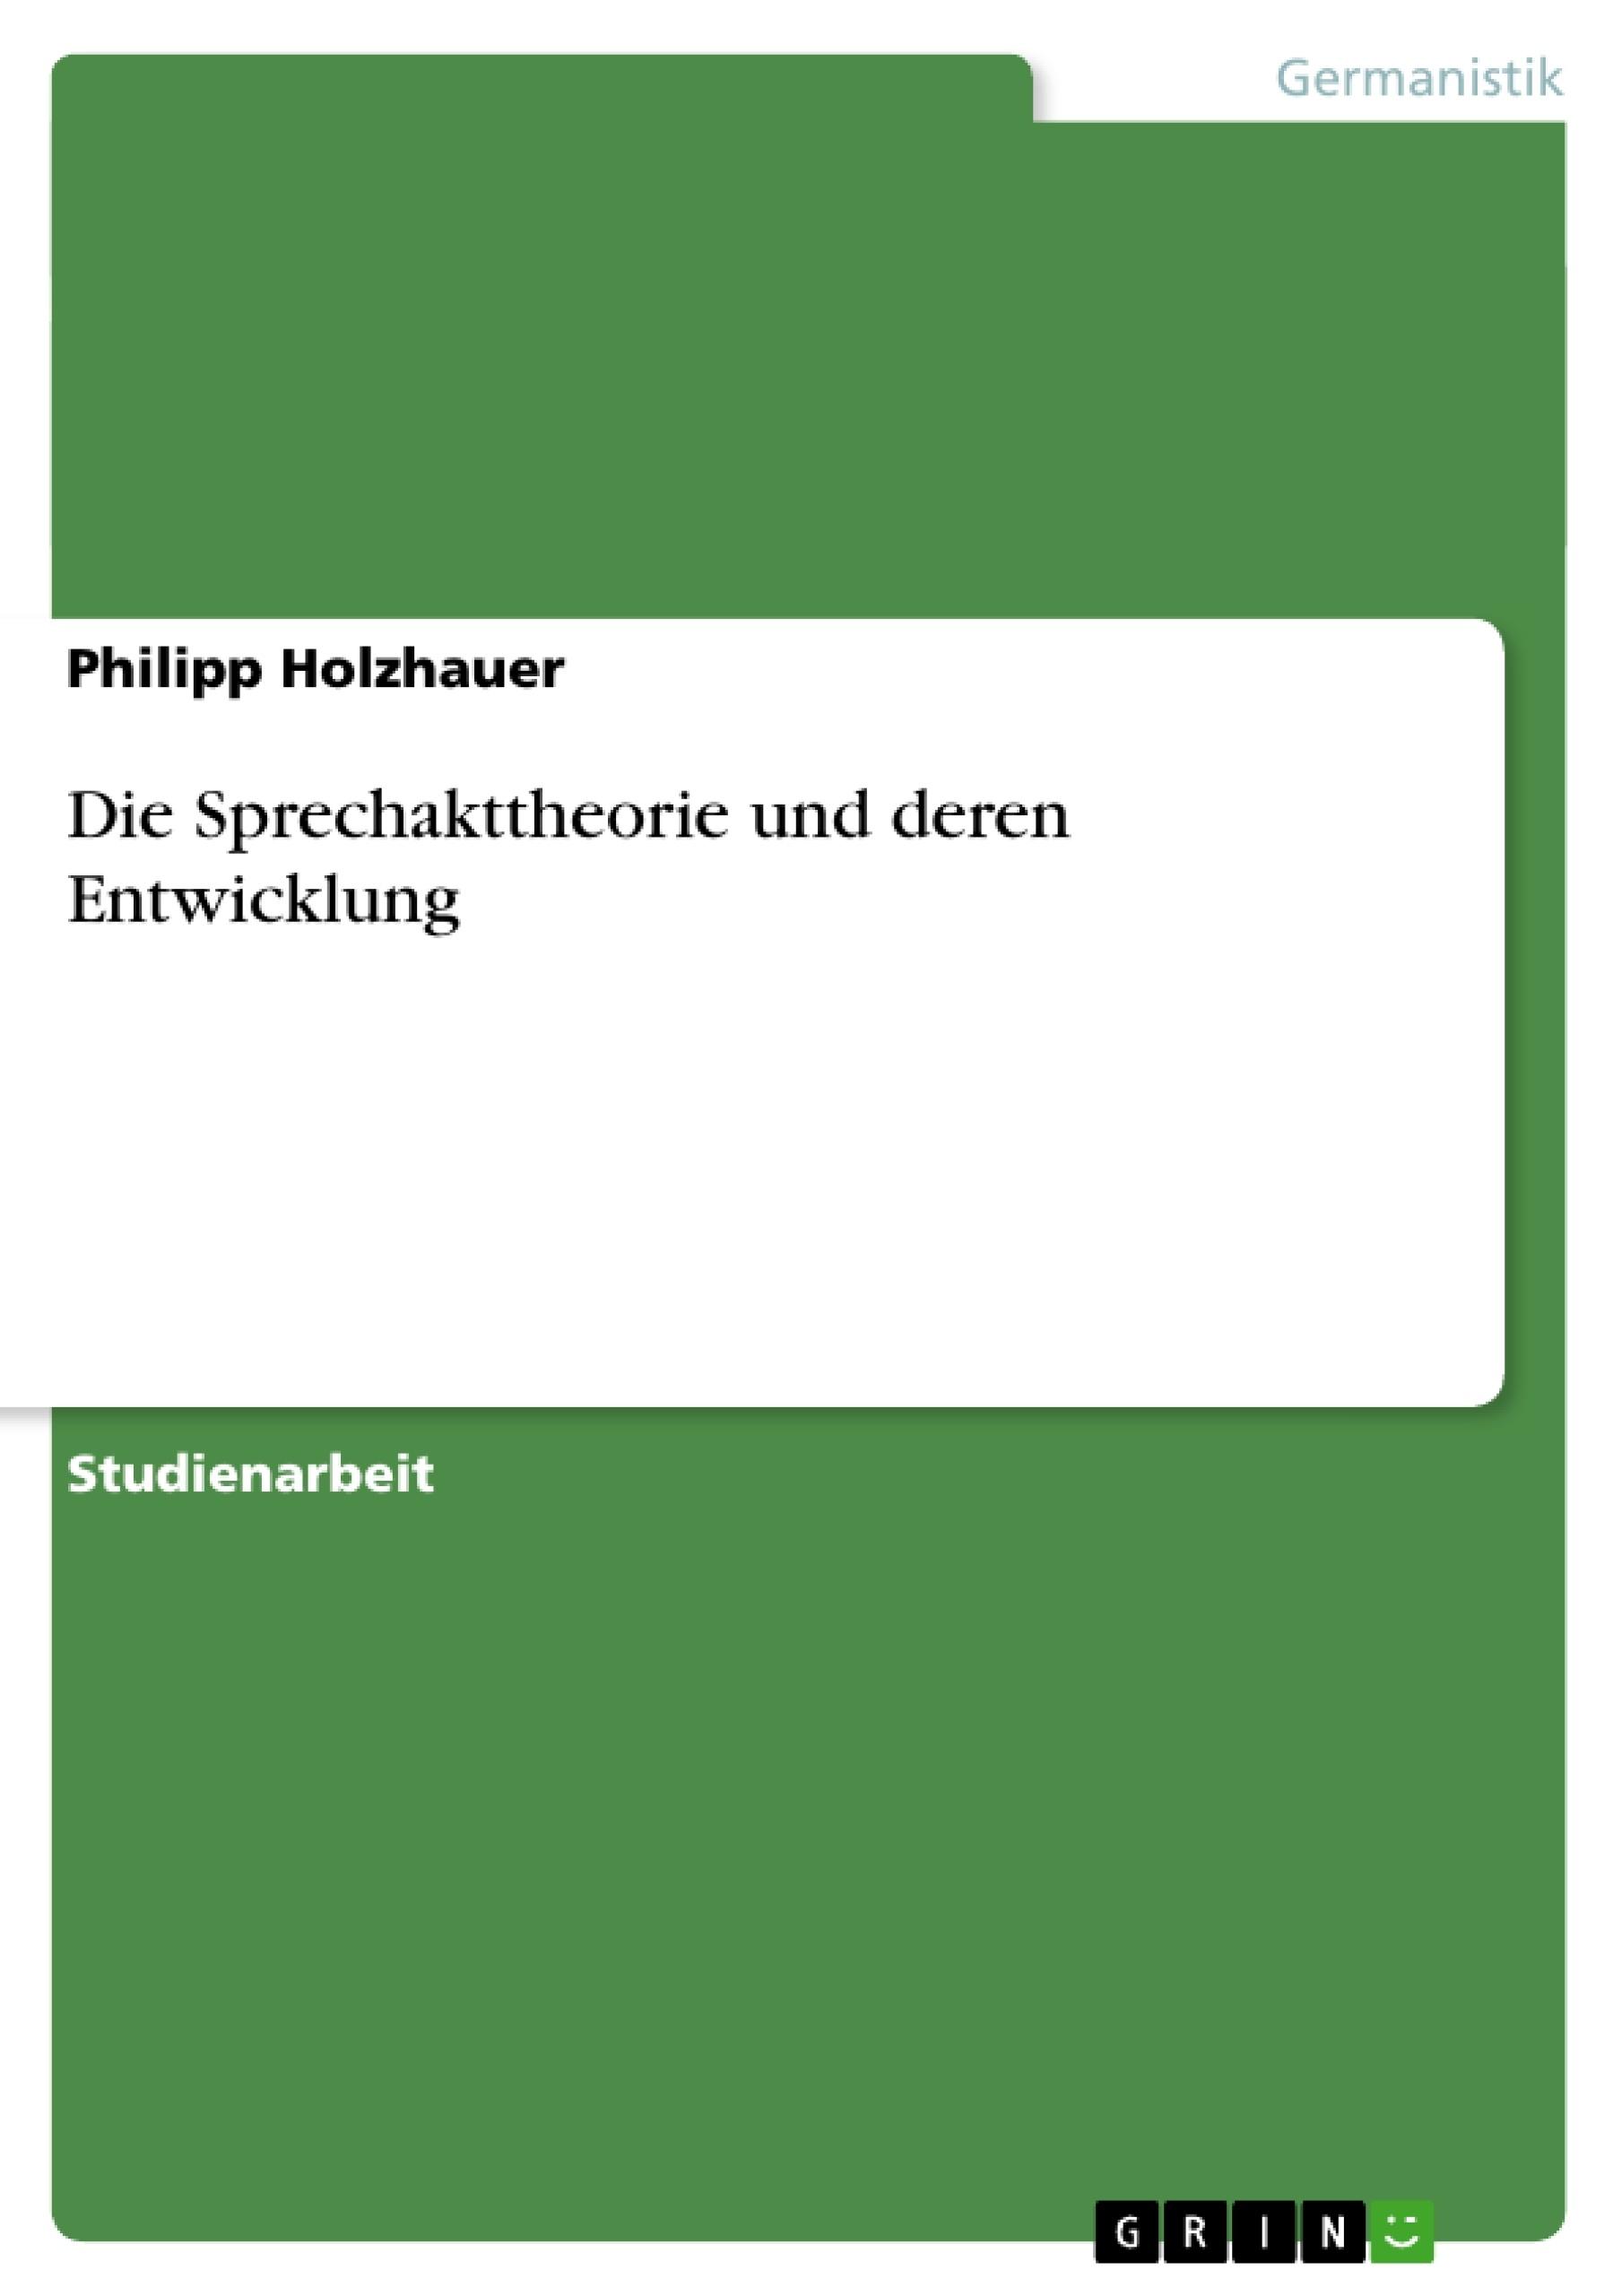 Titel: Die Sprechakttheorie und deren Entwicklung